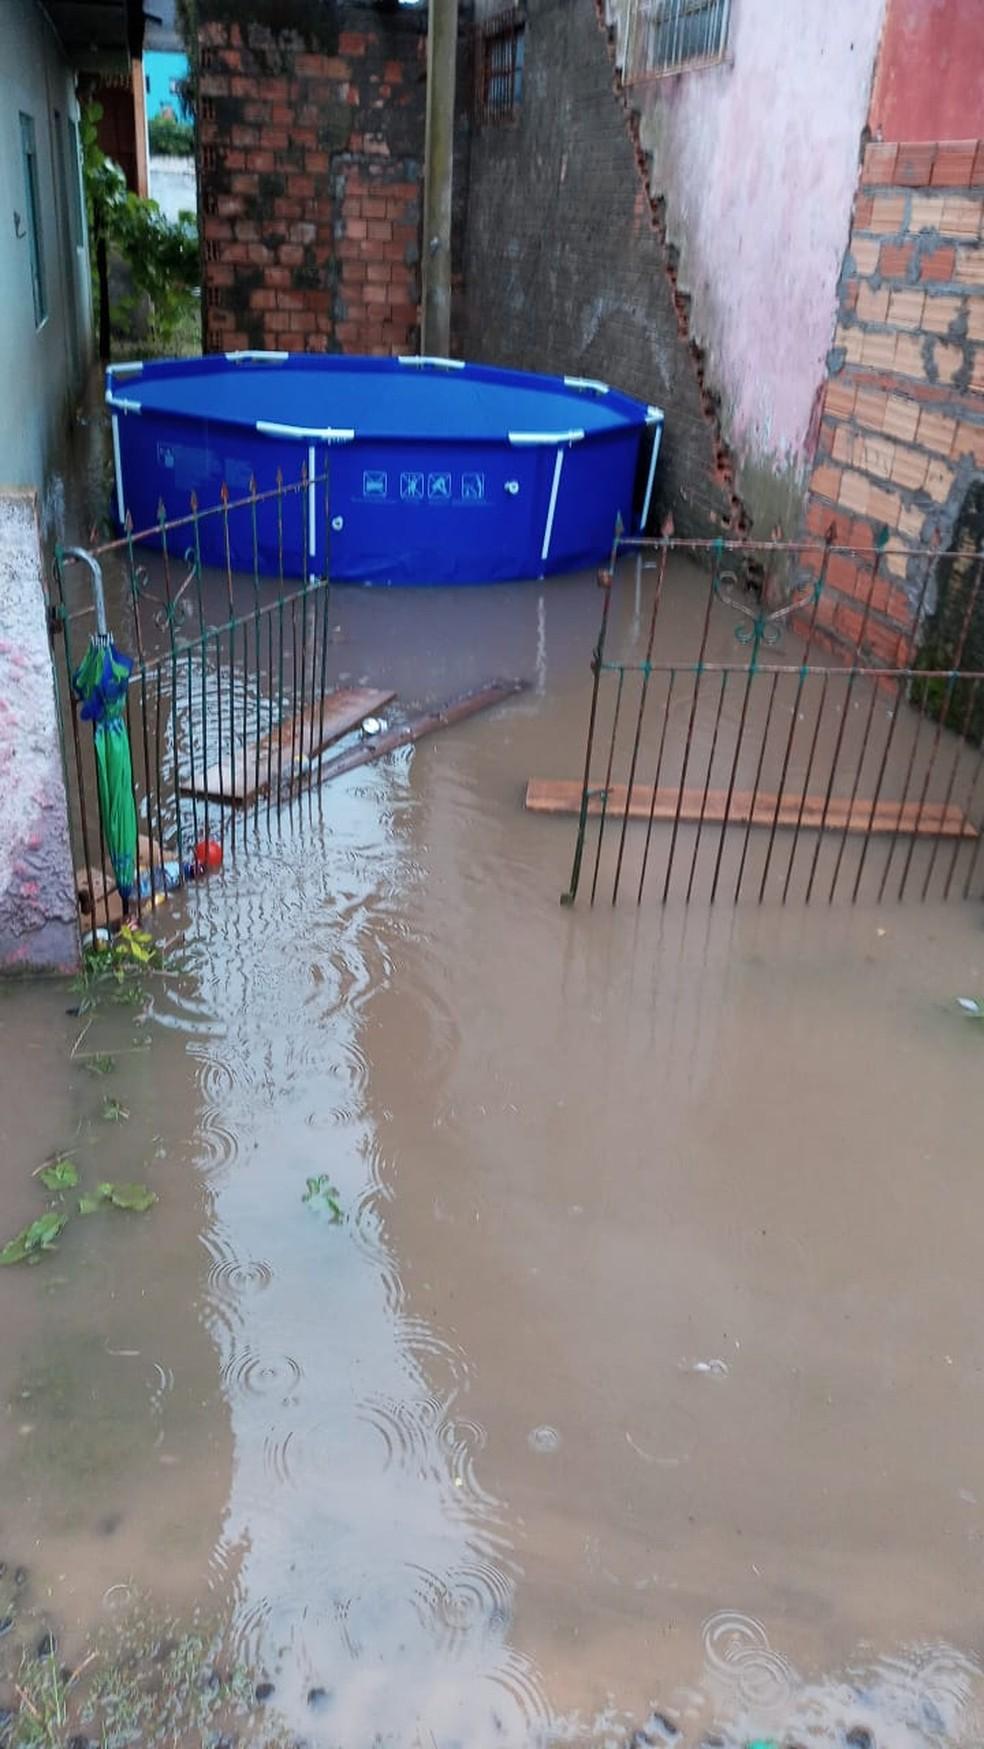 Alagamento em Lages nesta segunda-feira (28) no bairro São Luiz — Foto: Defesa Civil/Divulgação